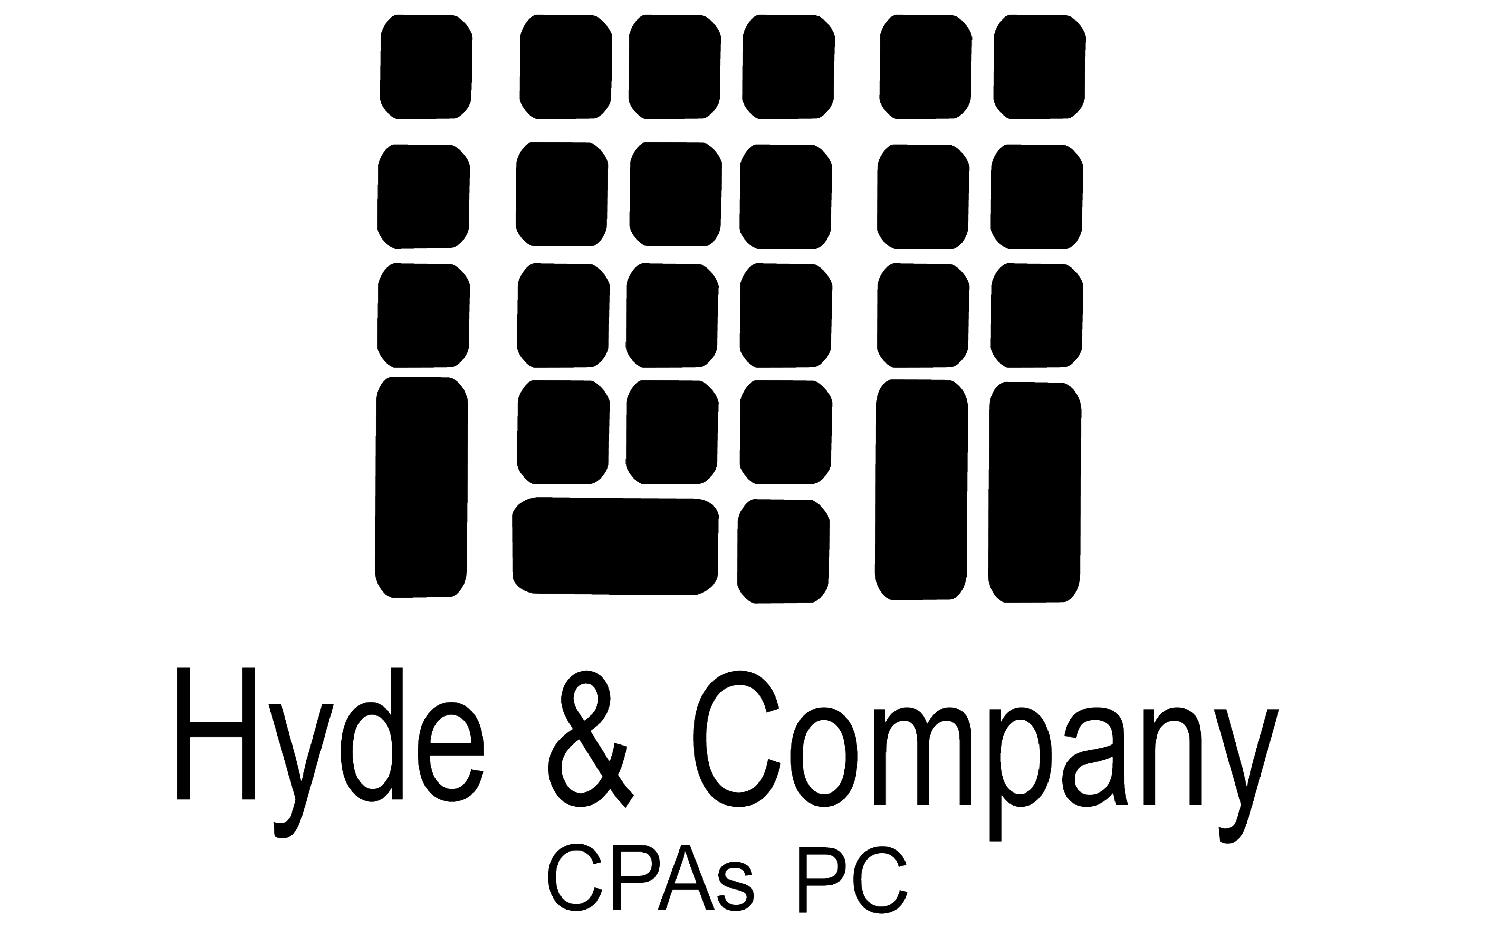 Hyde & Company CPAs, P.C. logo